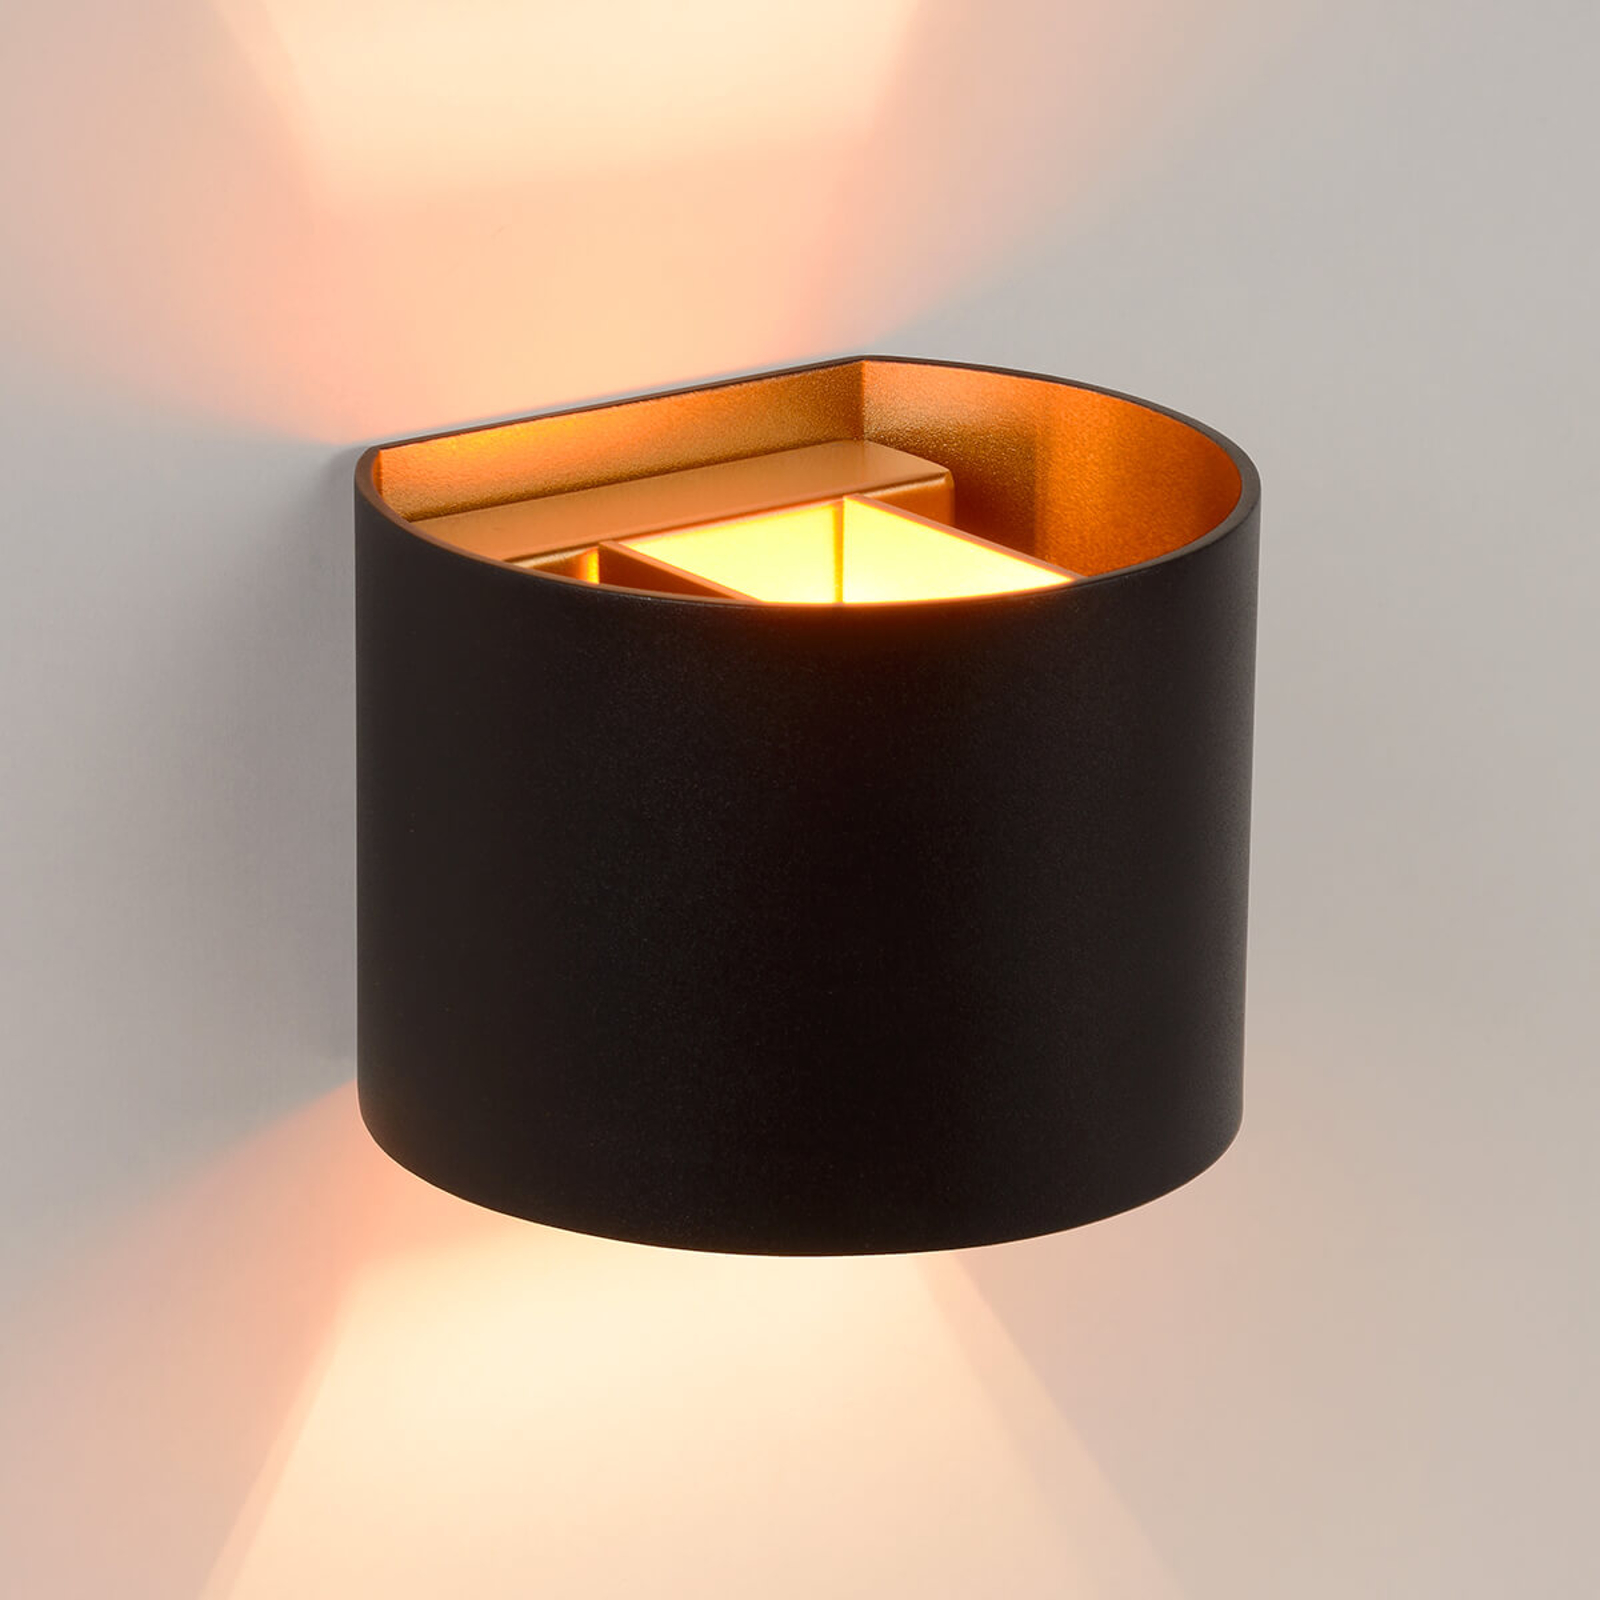 LED-Wandleuchte Xio, Breite 13 cm, schwarz